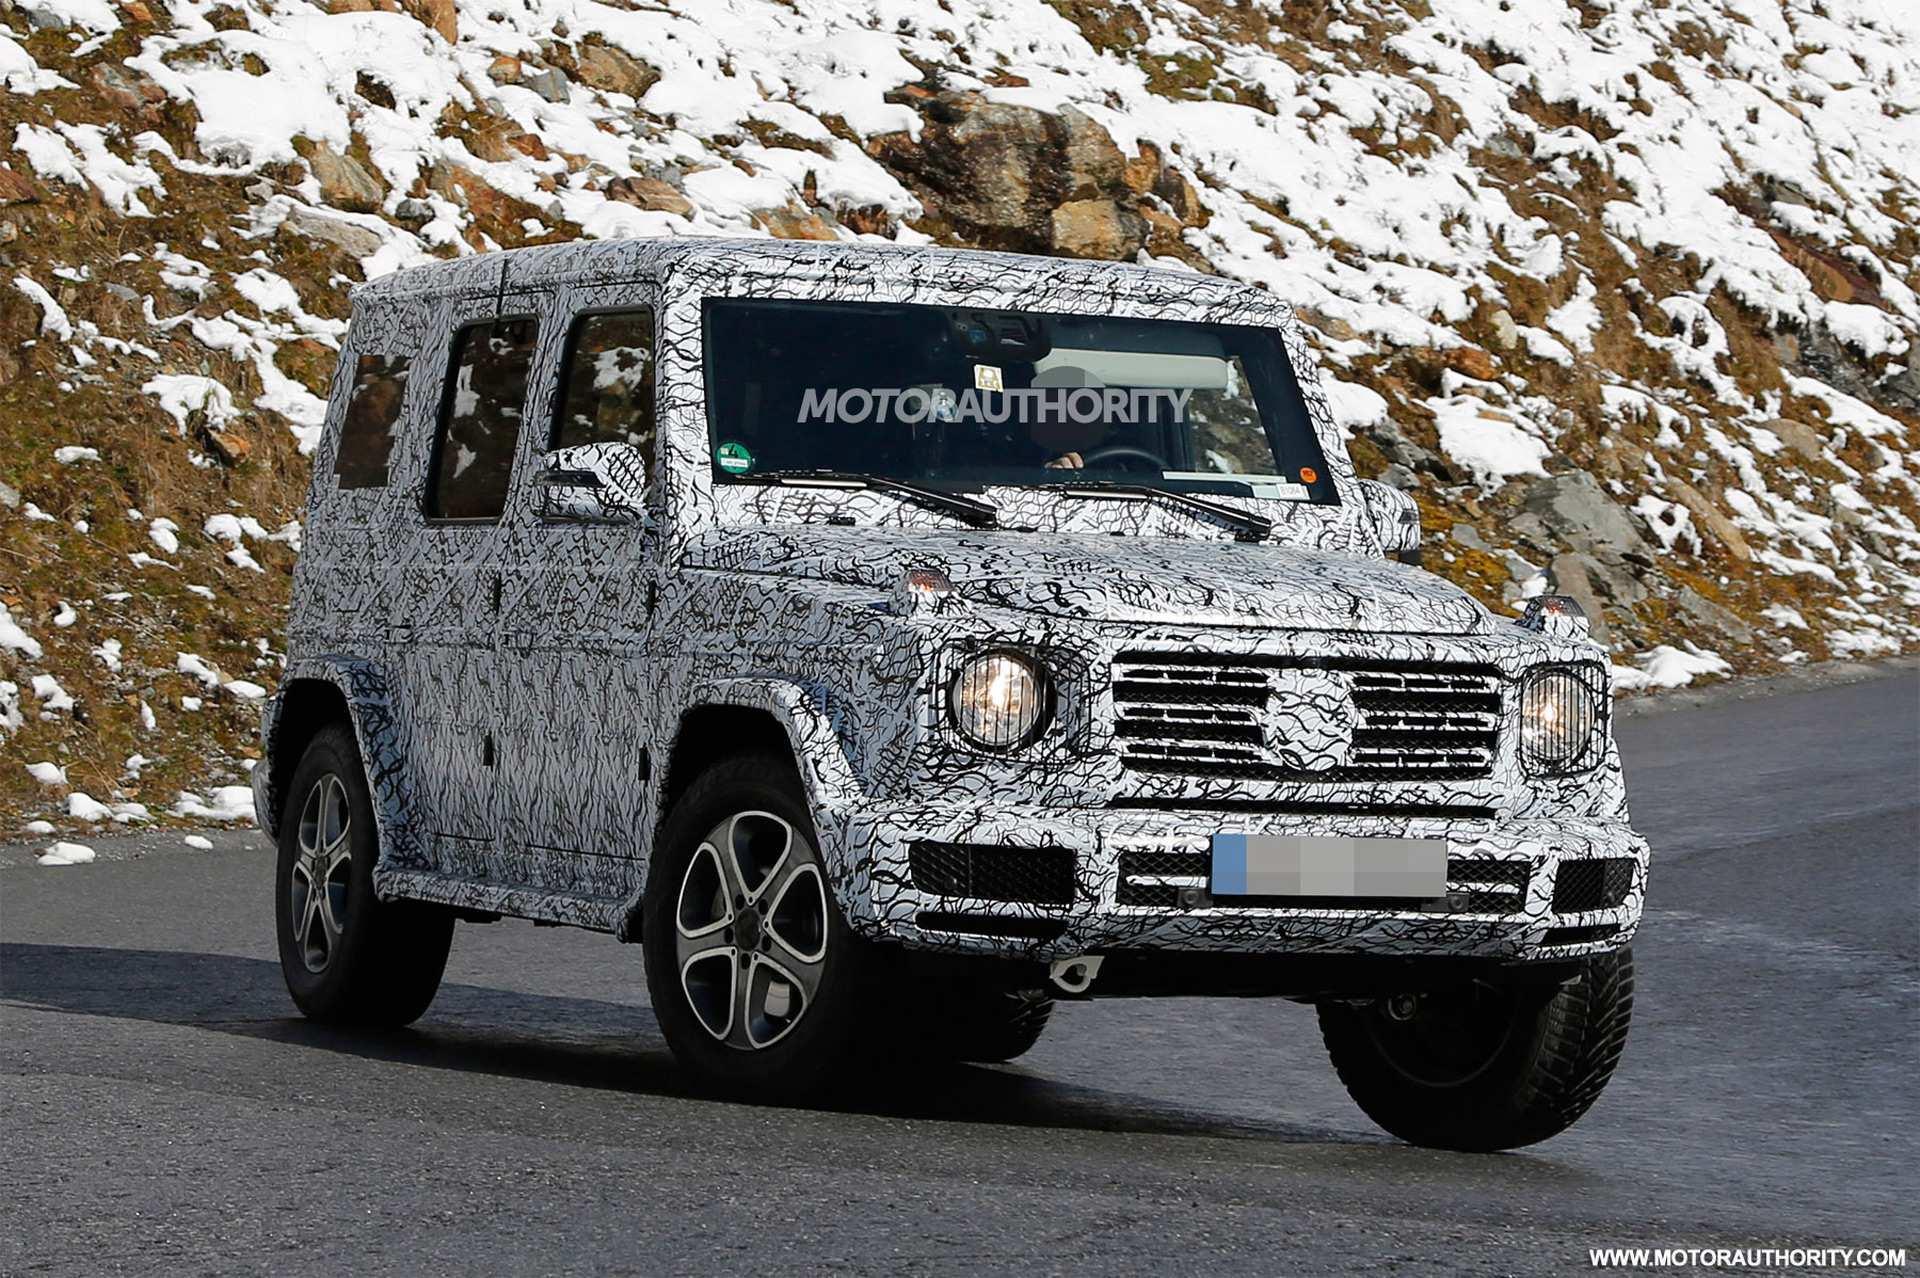 88 Concept of 2020 Mercedes G Wagon Exterior Exterior and Interior for 2020 Mercedes G Wagon Exterior